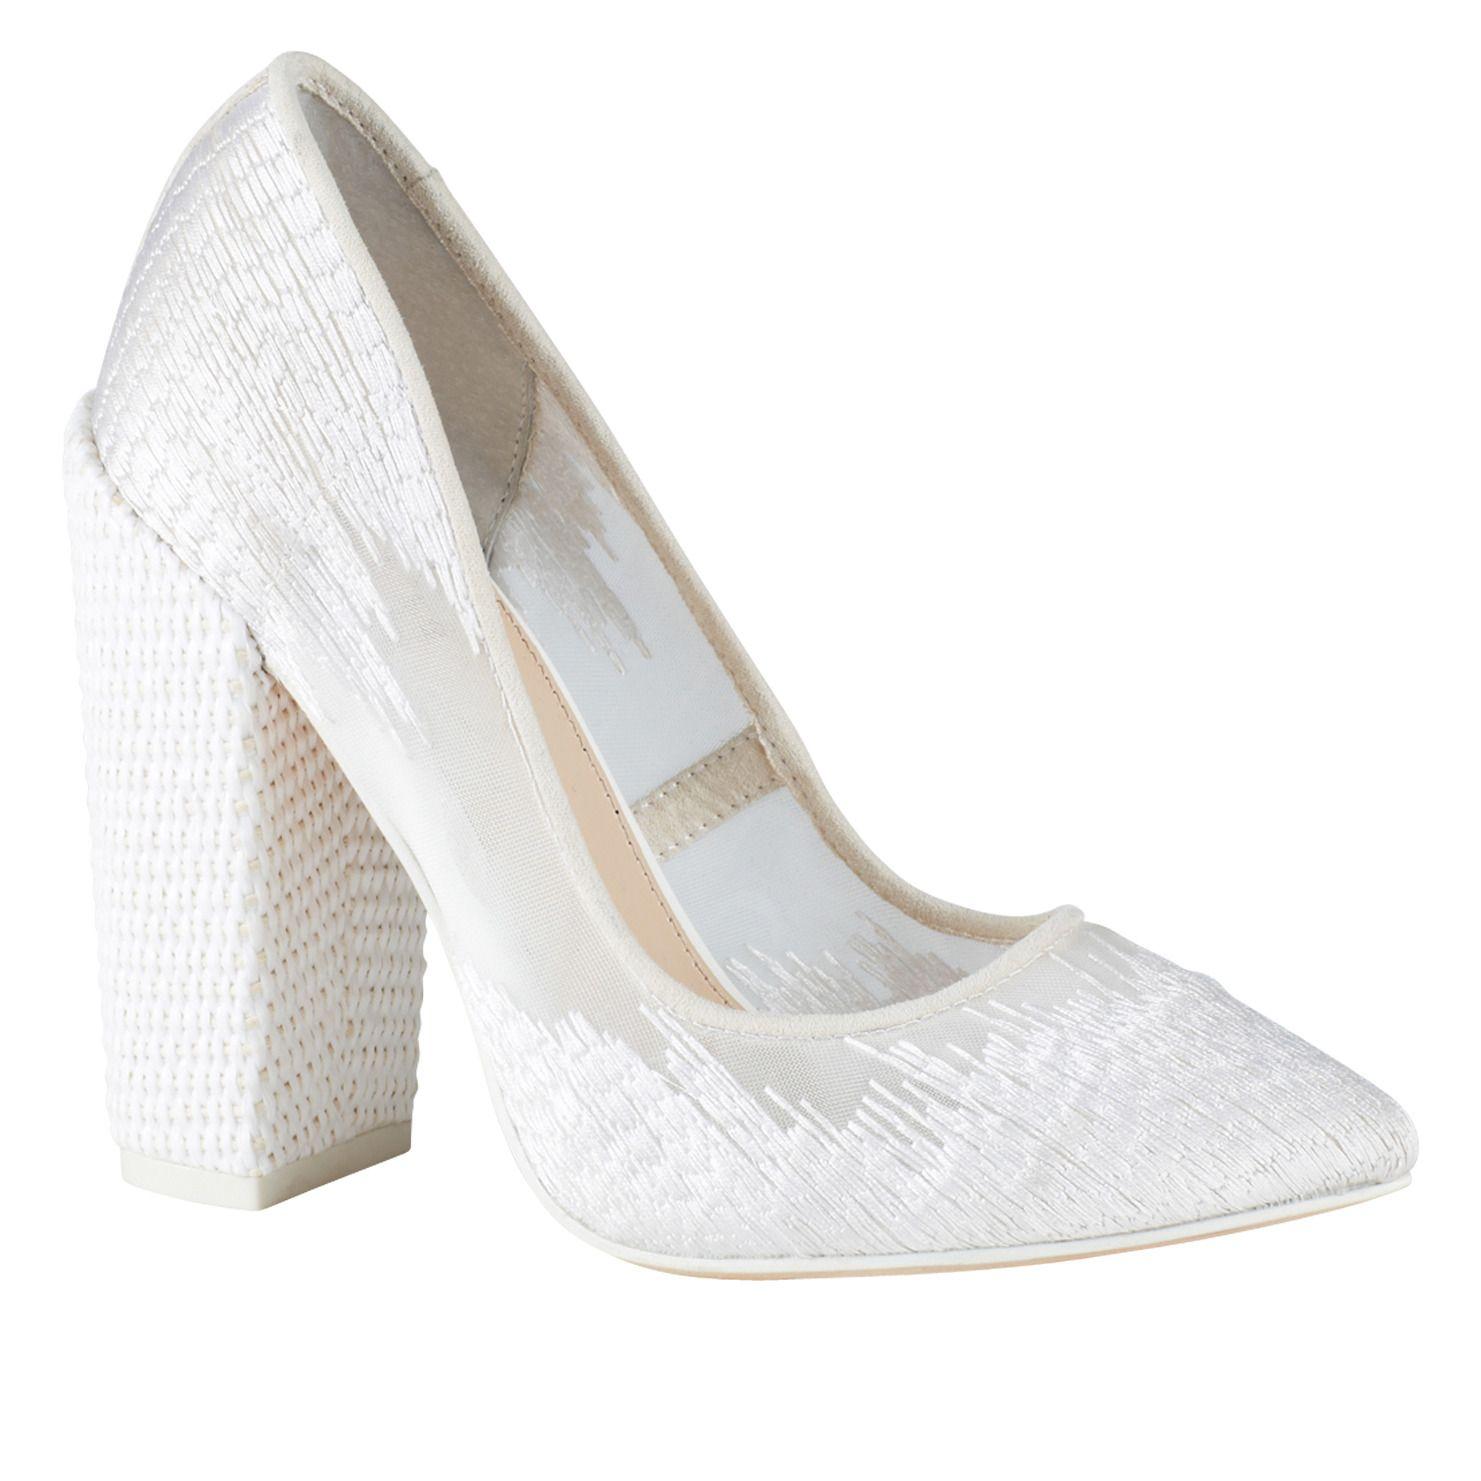 Bridal Shoes Aldo: Women's High Heels Shoes For Sale At ALDO Shoes